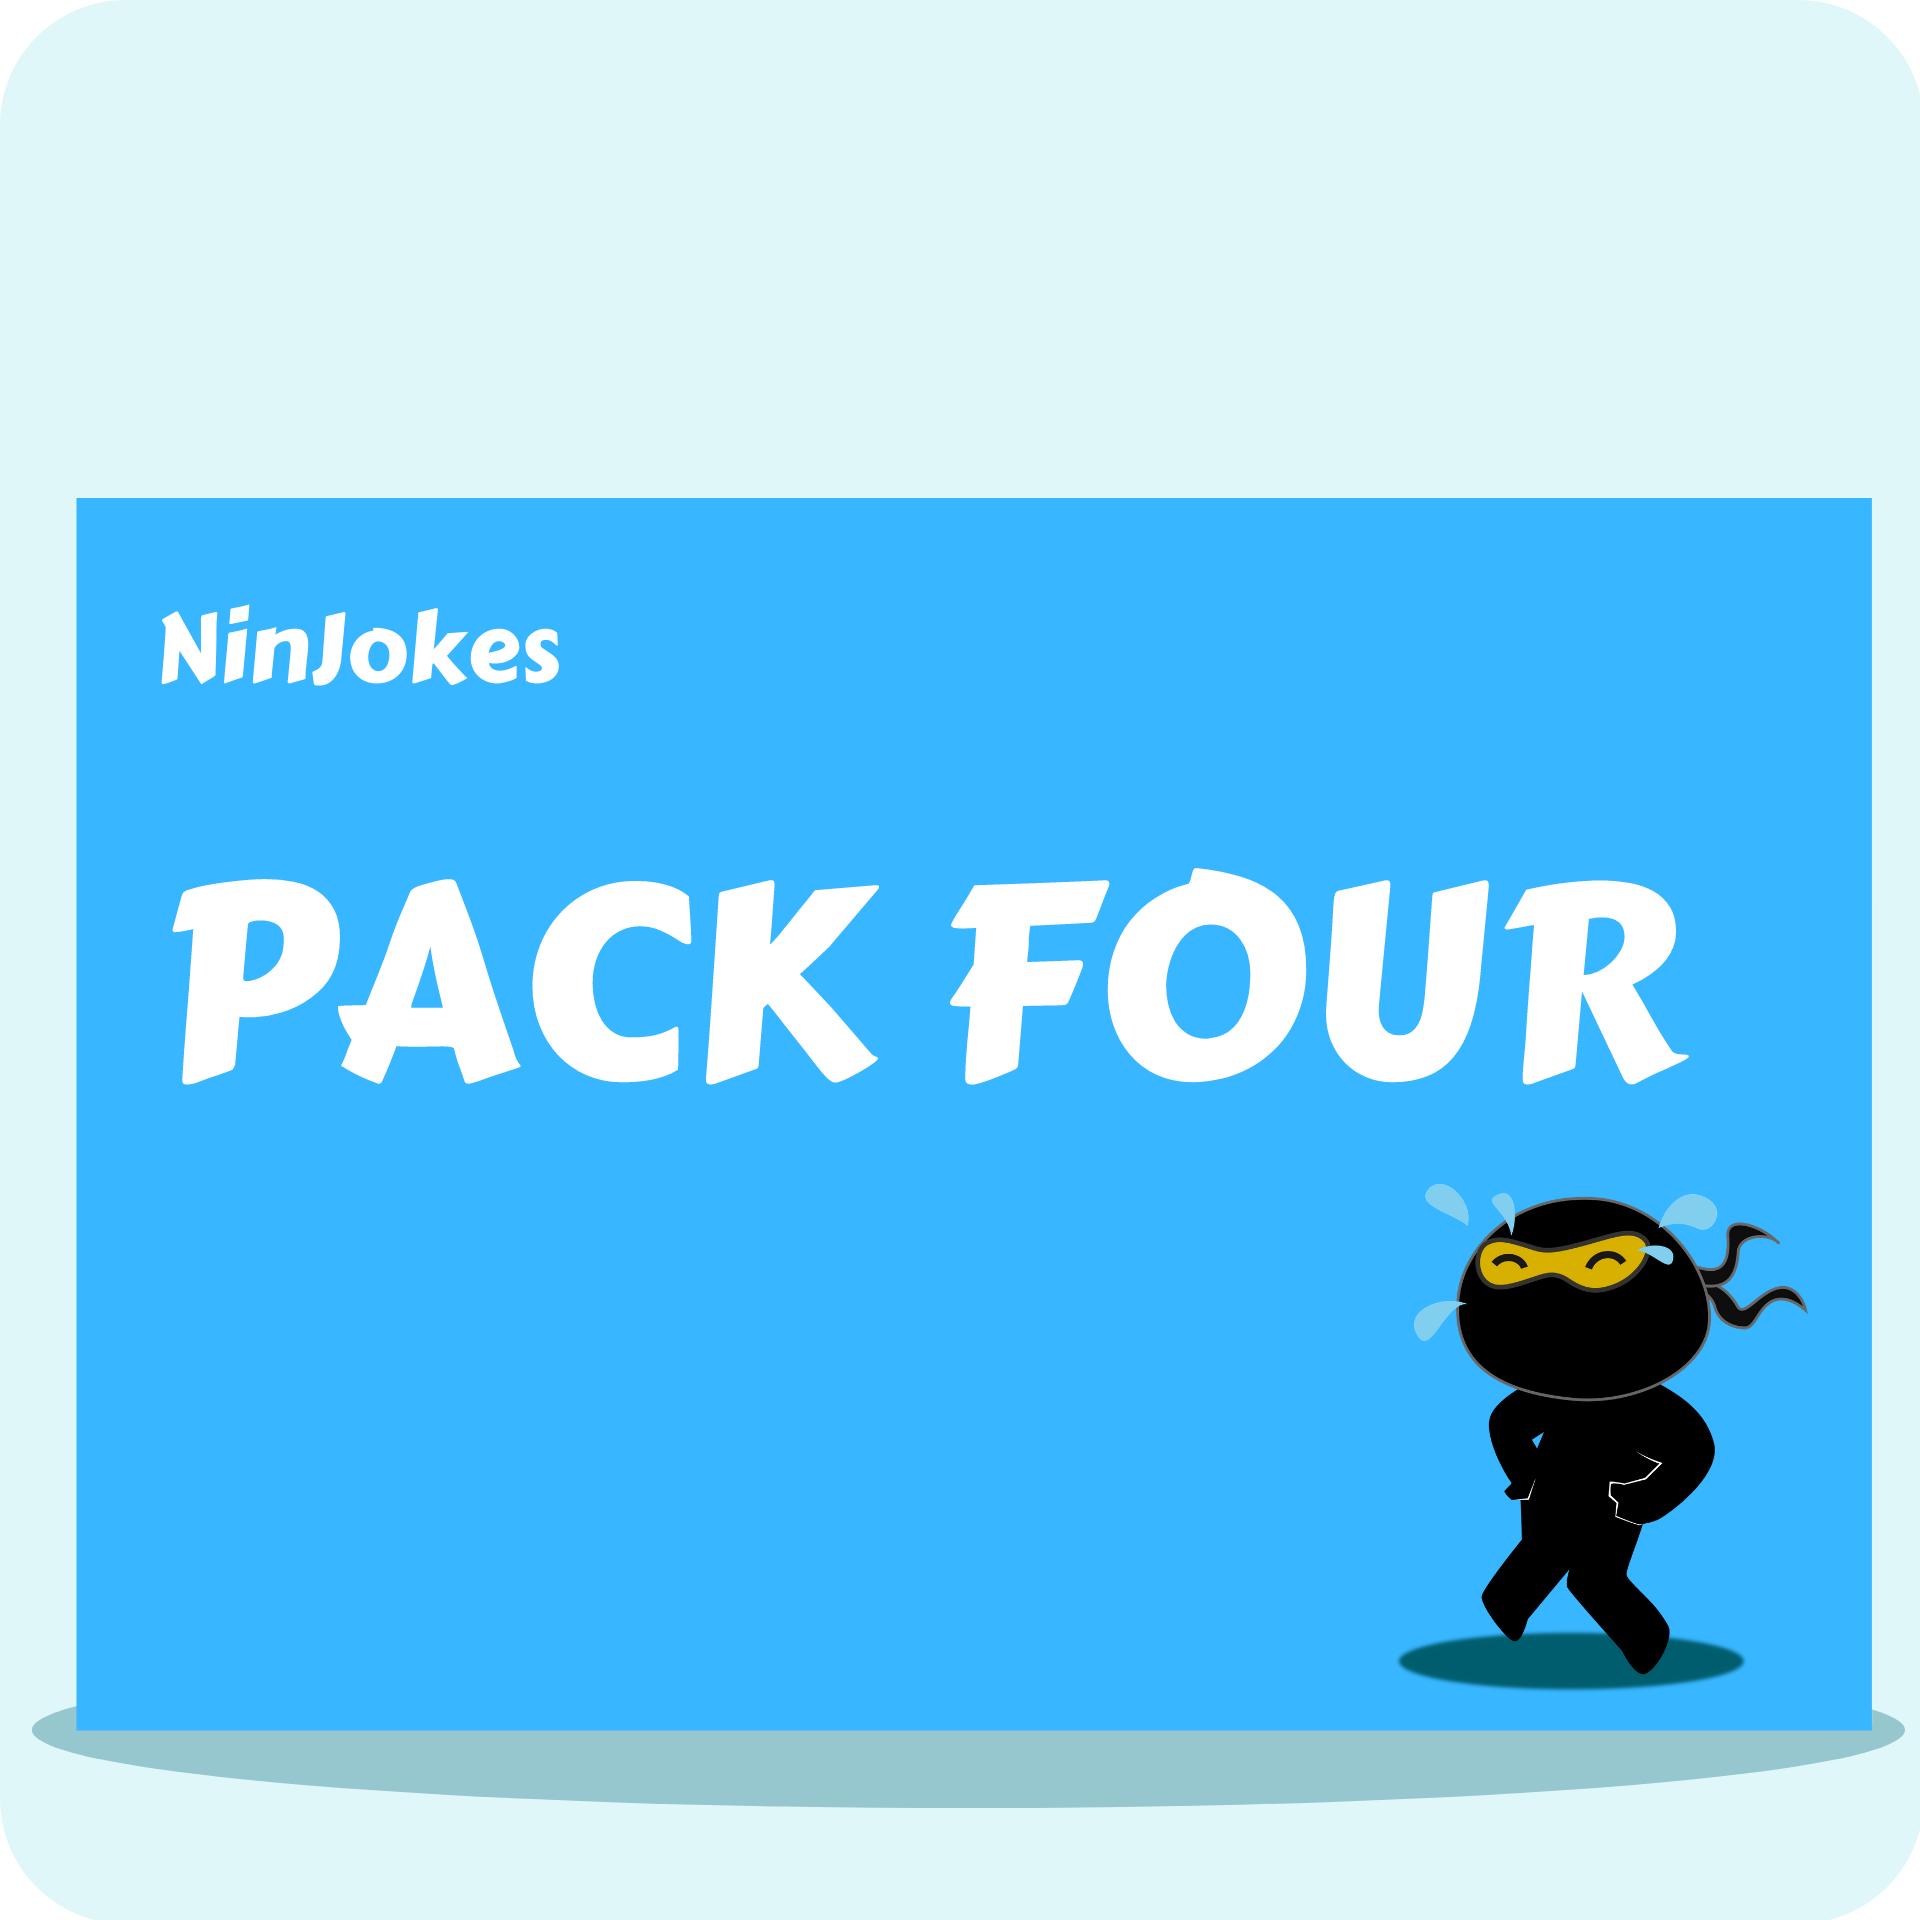 NinJokes Pack Four